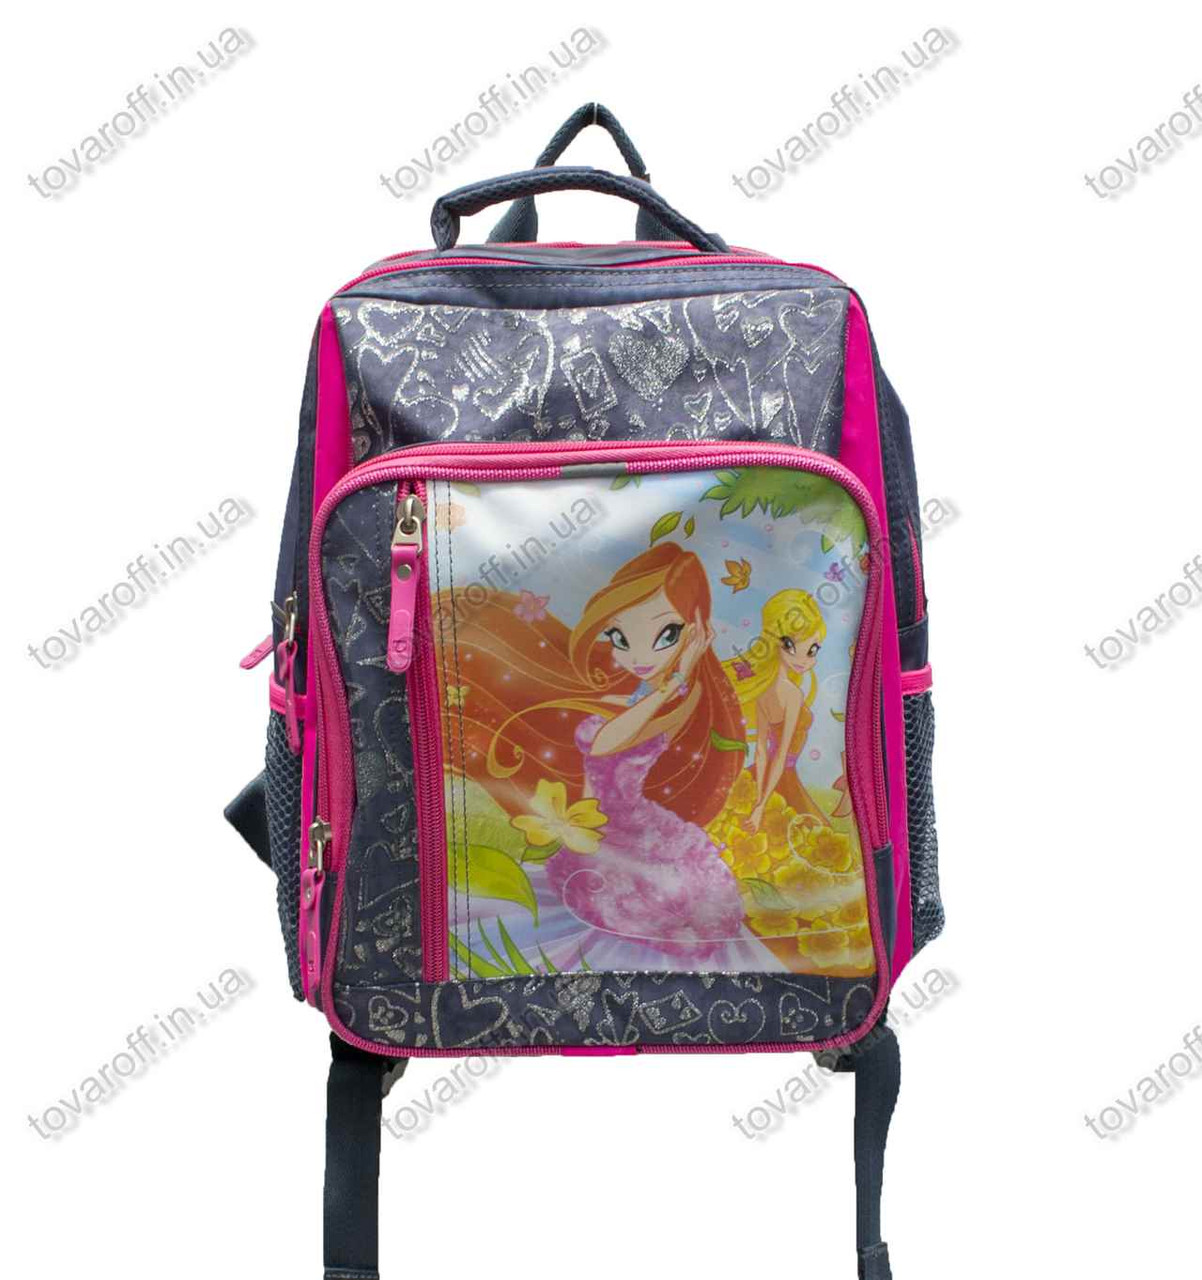 Оптом рюкзак школьный детский Винкс (Winx) - Серо-розовый - MeShock (Bagland) - 11270